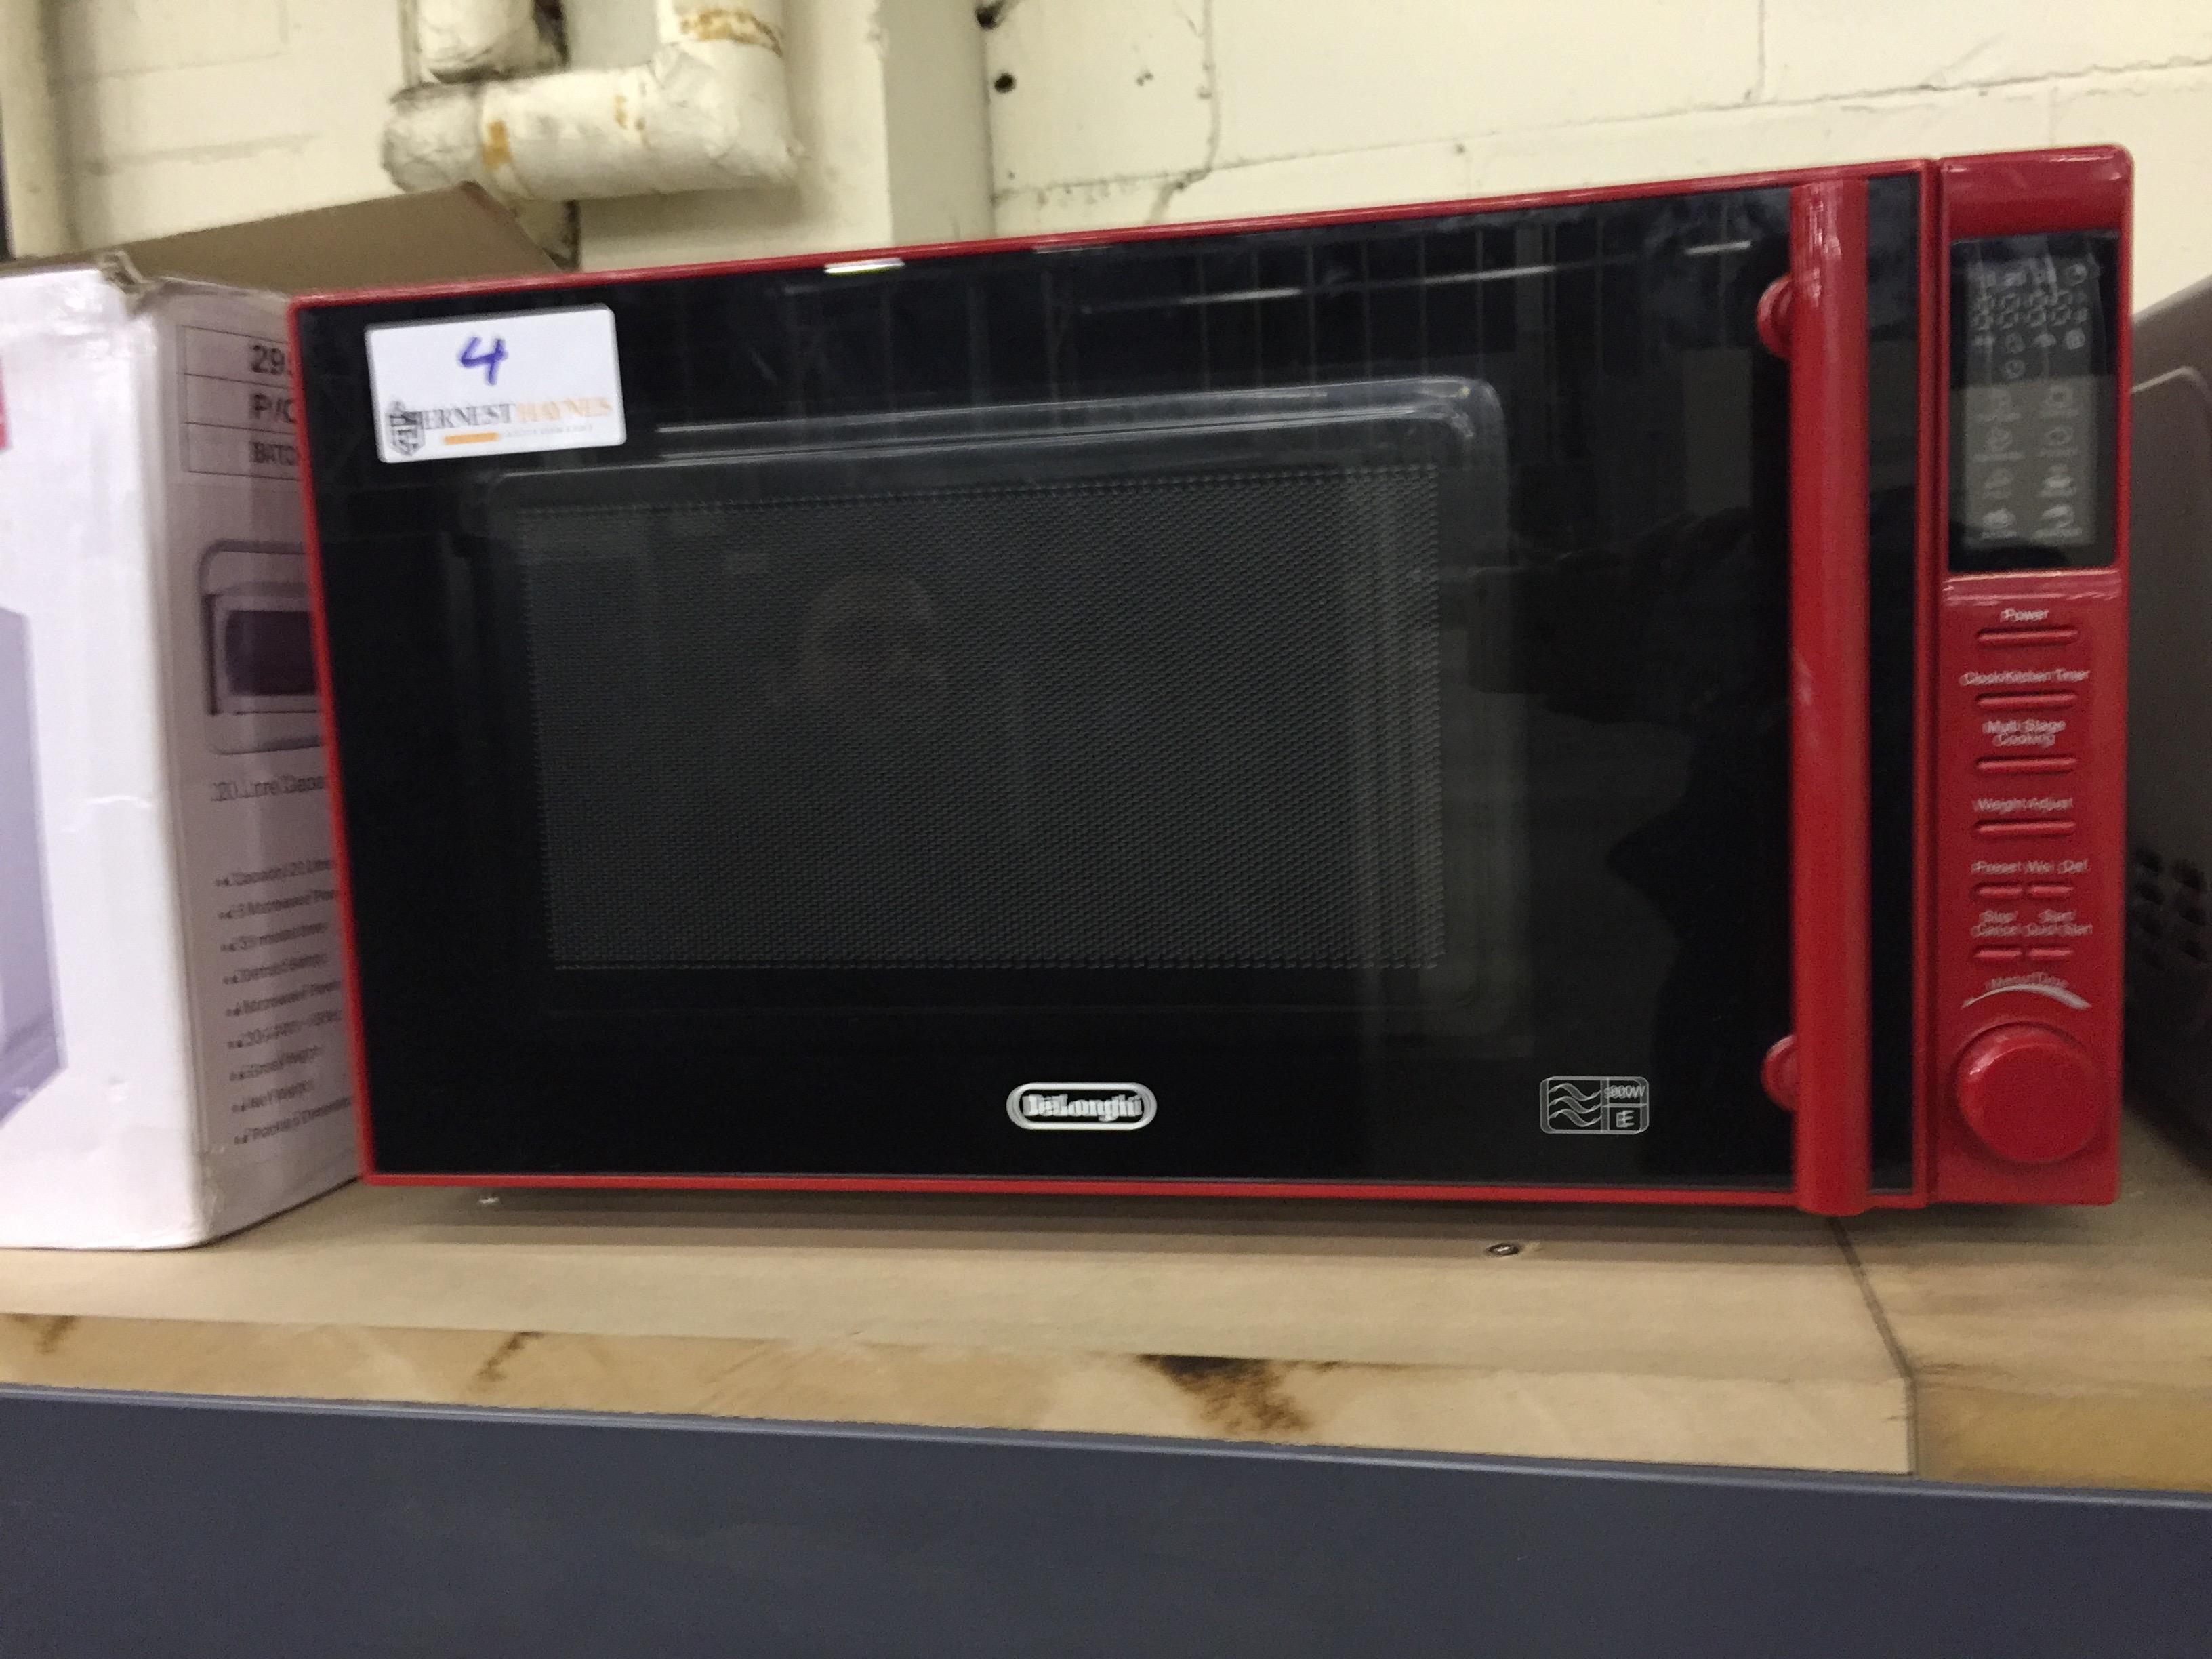 Delonghi Microwaves Bestmicrowave